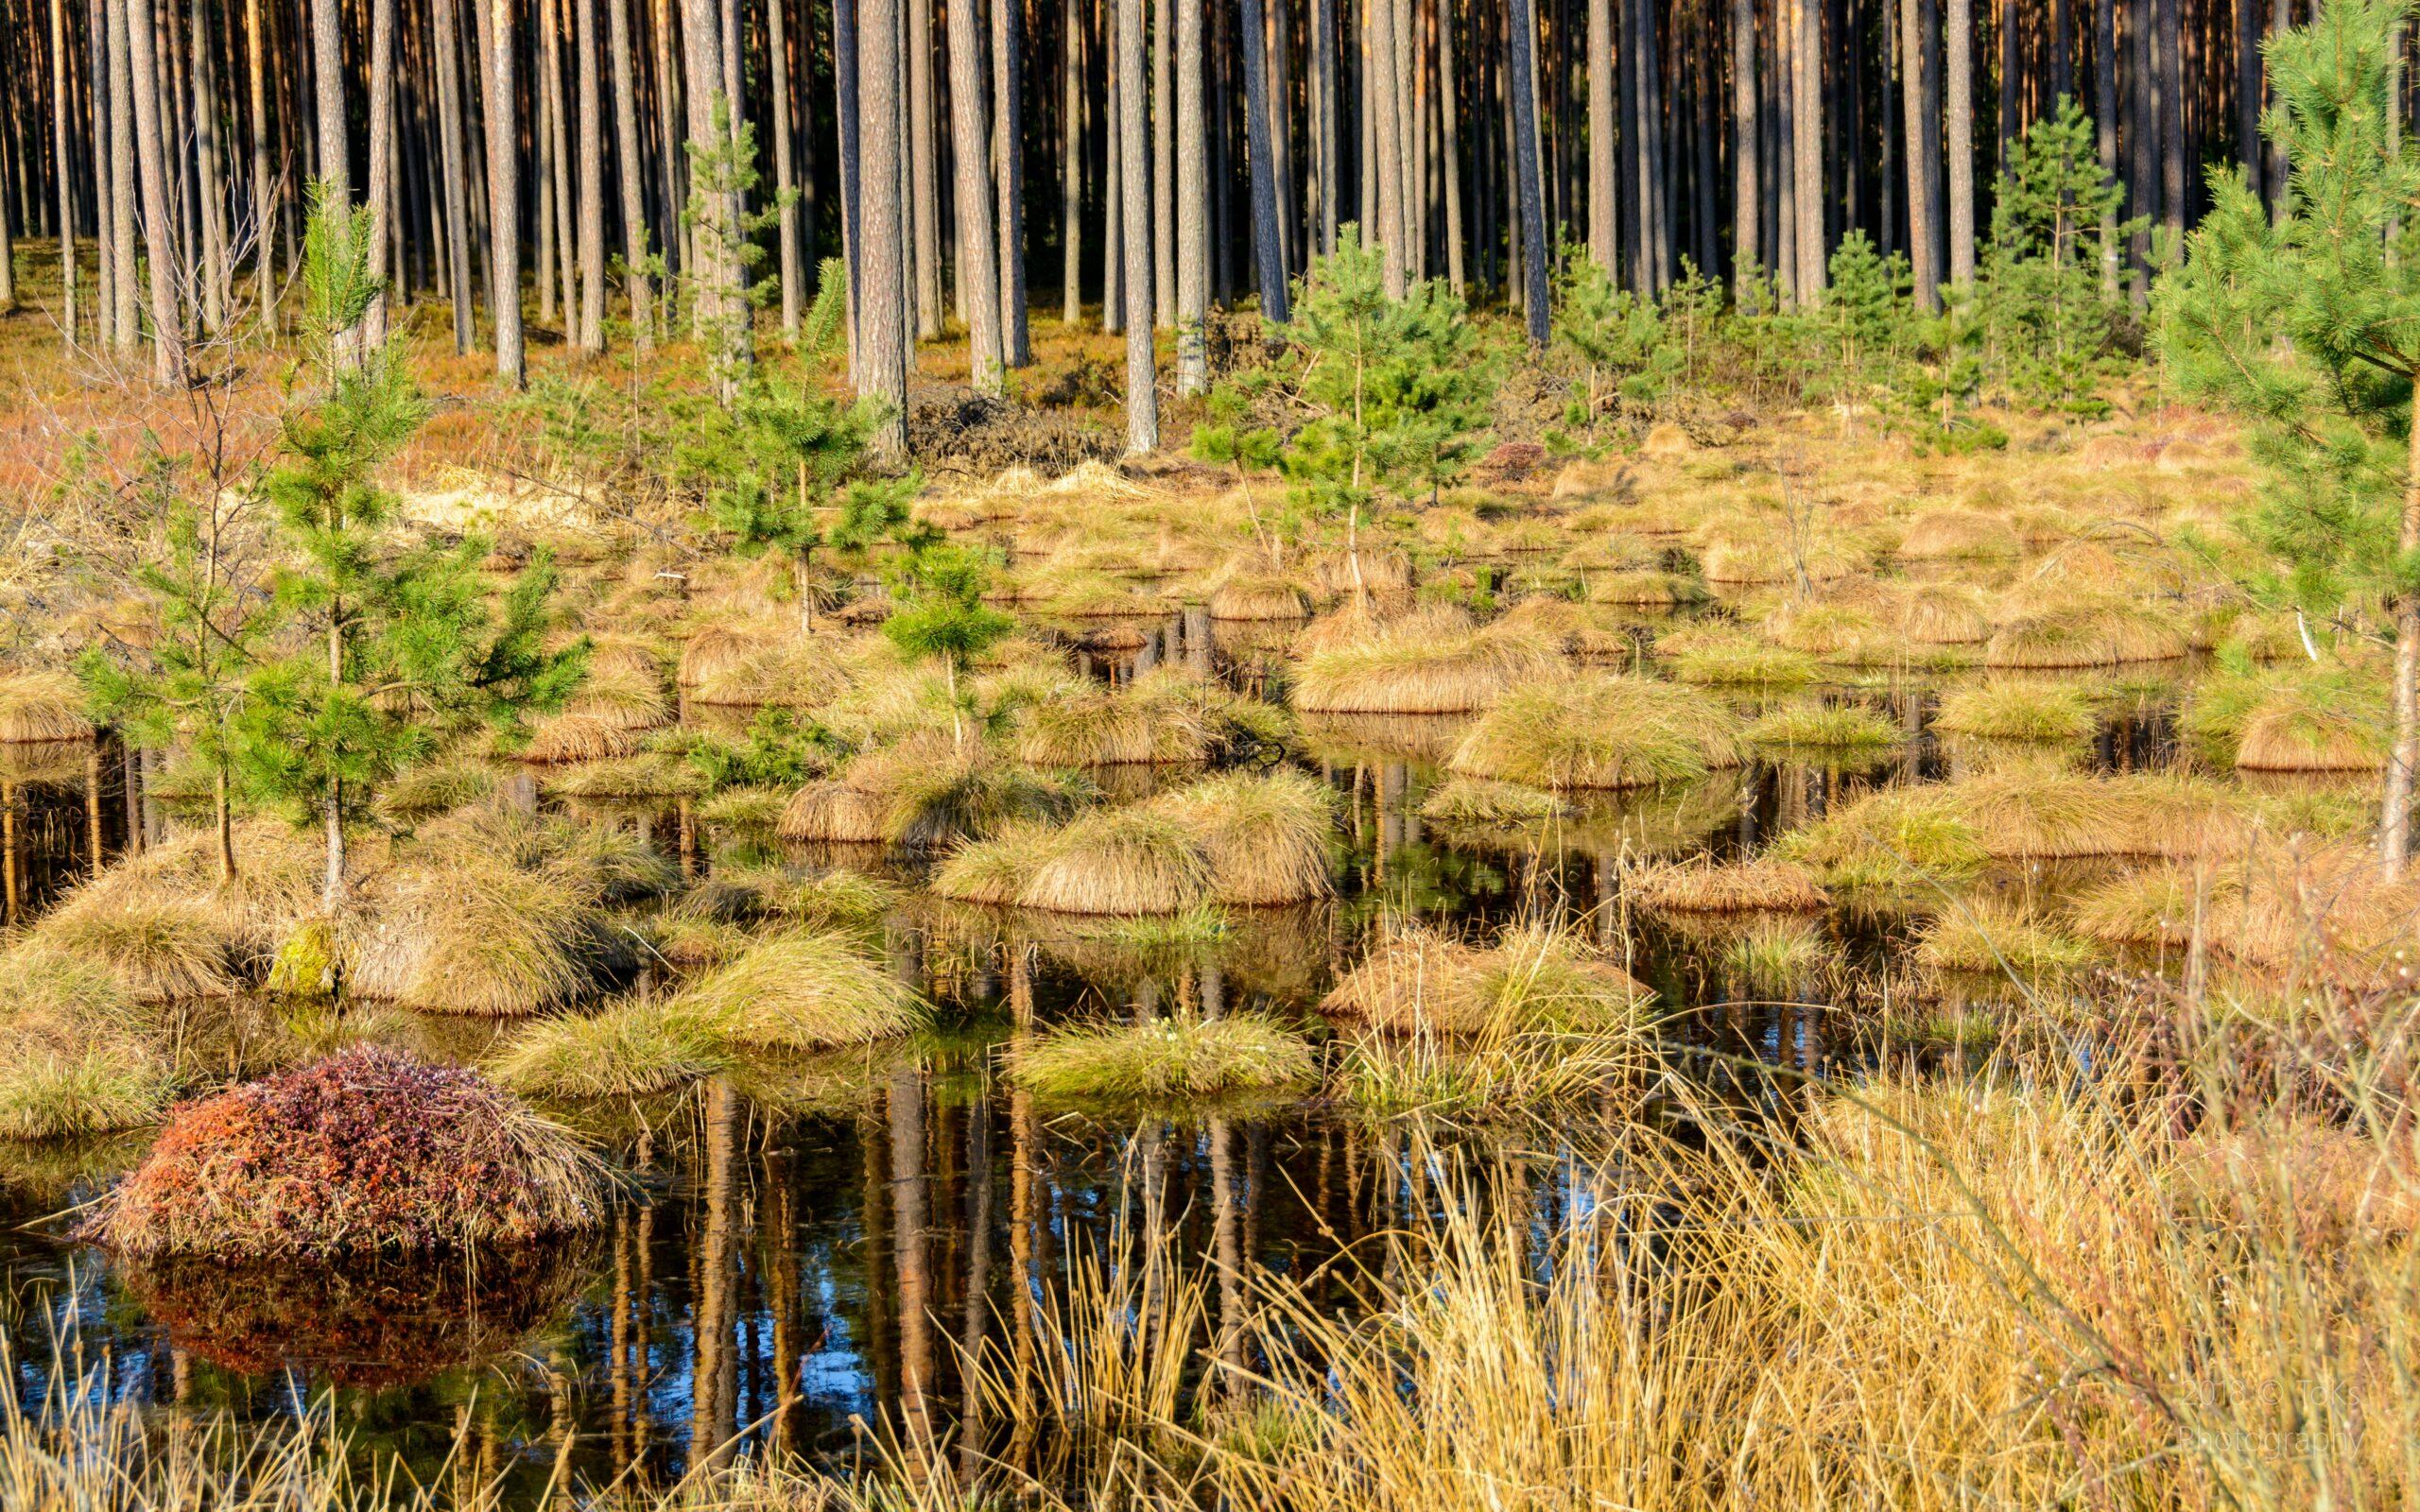 """II miejsce, kategoria wiekowa do 15 lat, podkategoria przyrodnicze zdjęcie krajobrazowe – Martyna Łyczak """"Mokradła"""""""